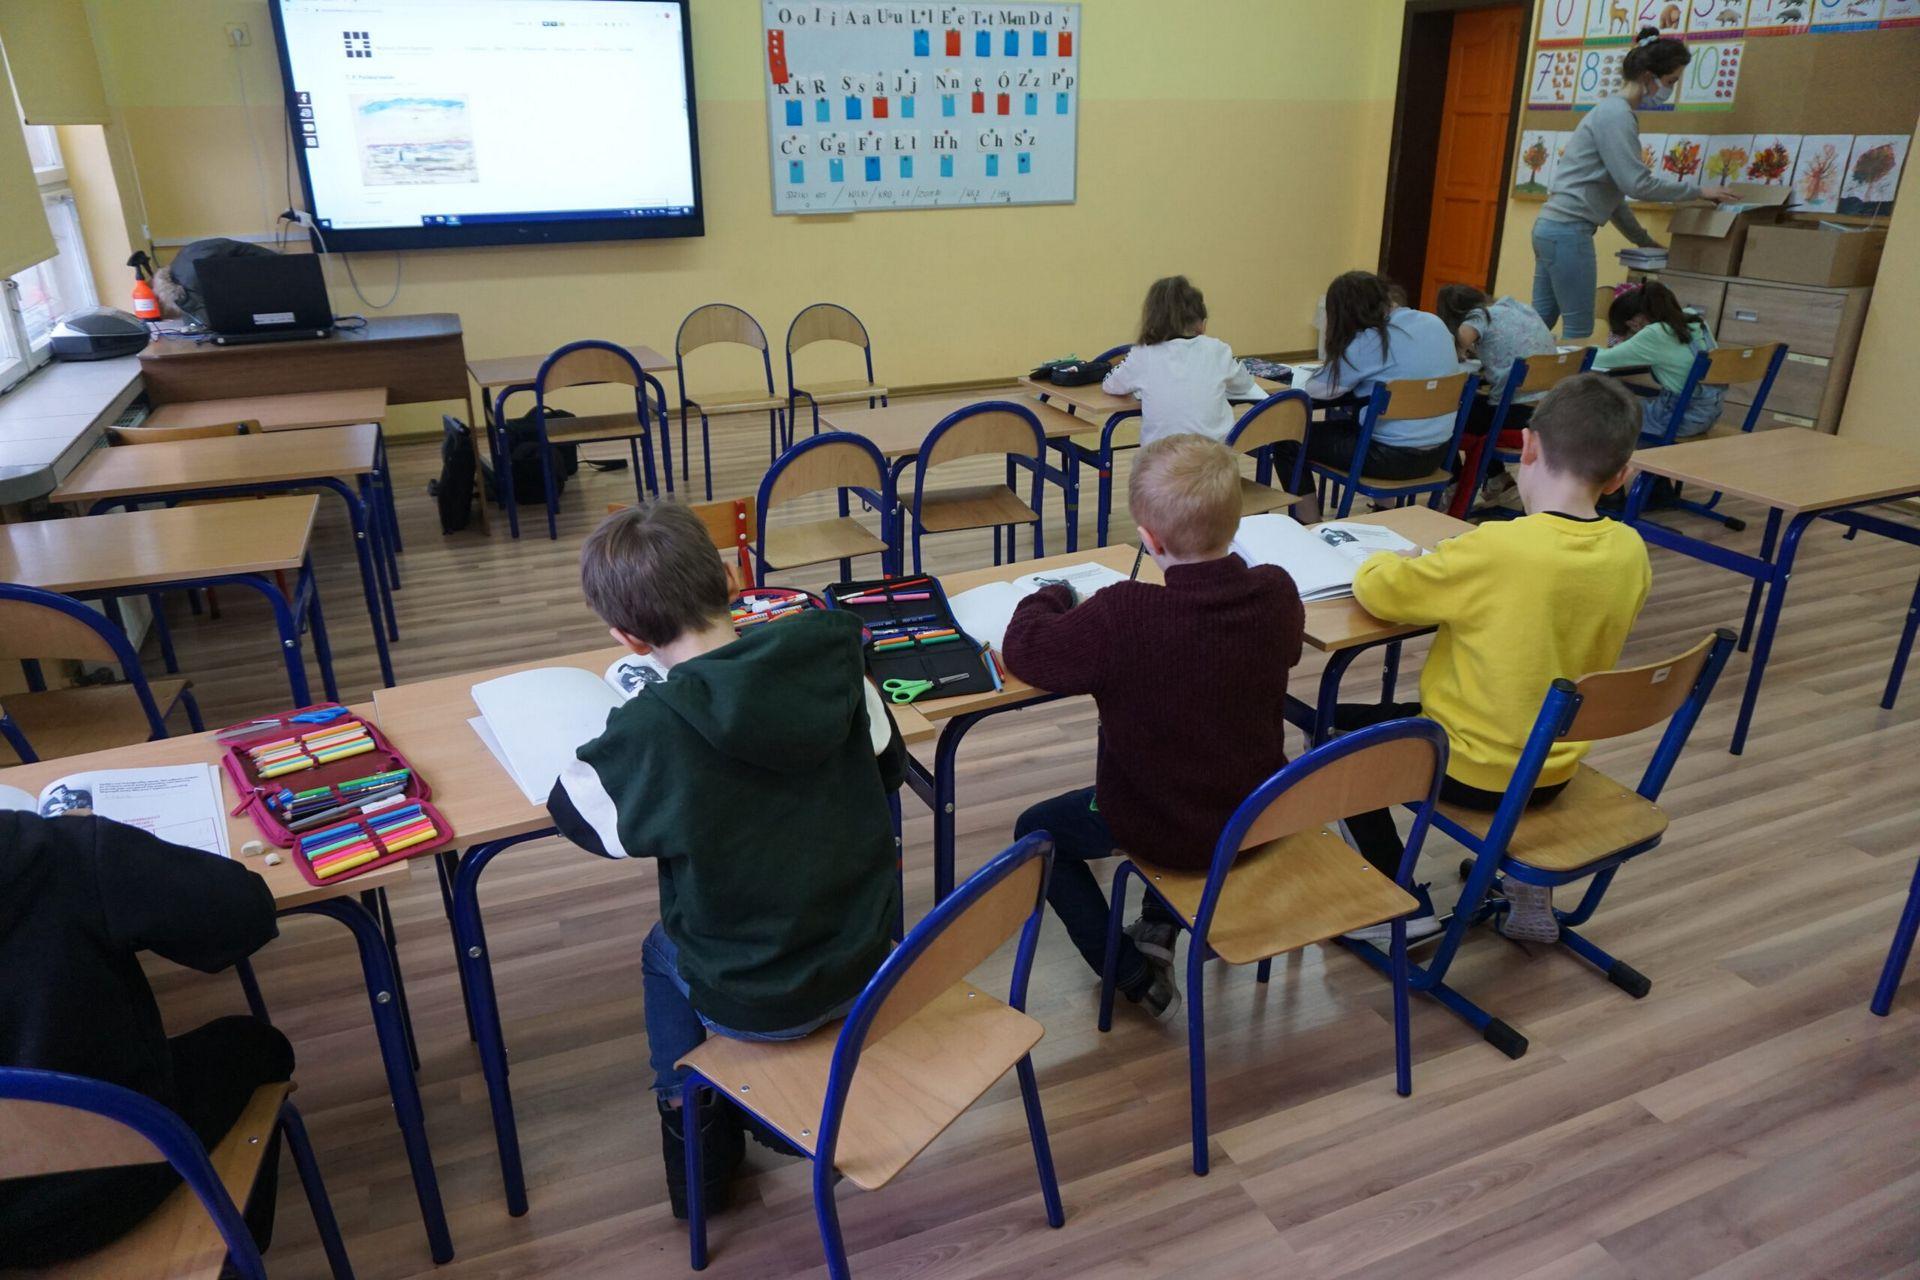 Chłopcy siedzący w ławkach na warsztatach malują rysunki i oglądają prezentację